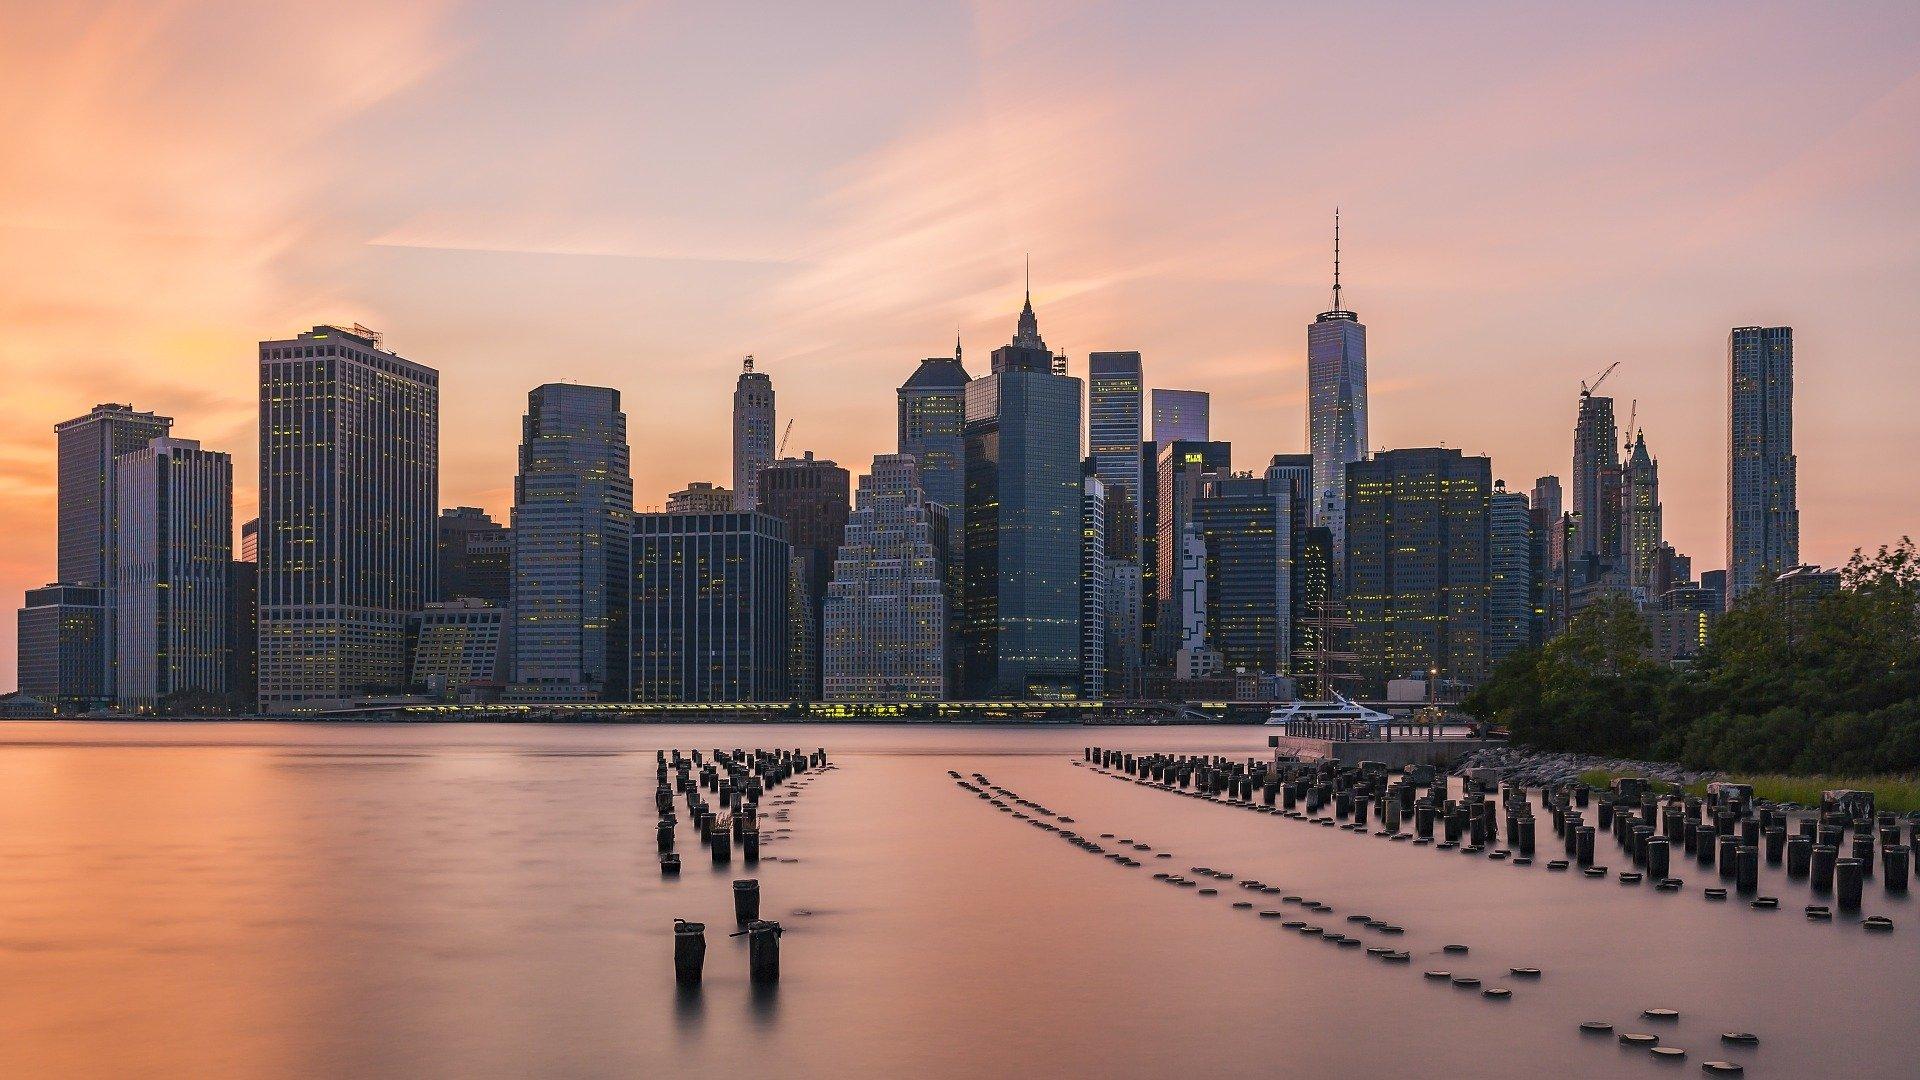 En jeremiasbeltran.com somos especialistas en la creación de diseño de página web en Nueva York, una ciudad distrito muy poblada que cuenta con algunos de los principales centros comerciales y financieros del mundo,